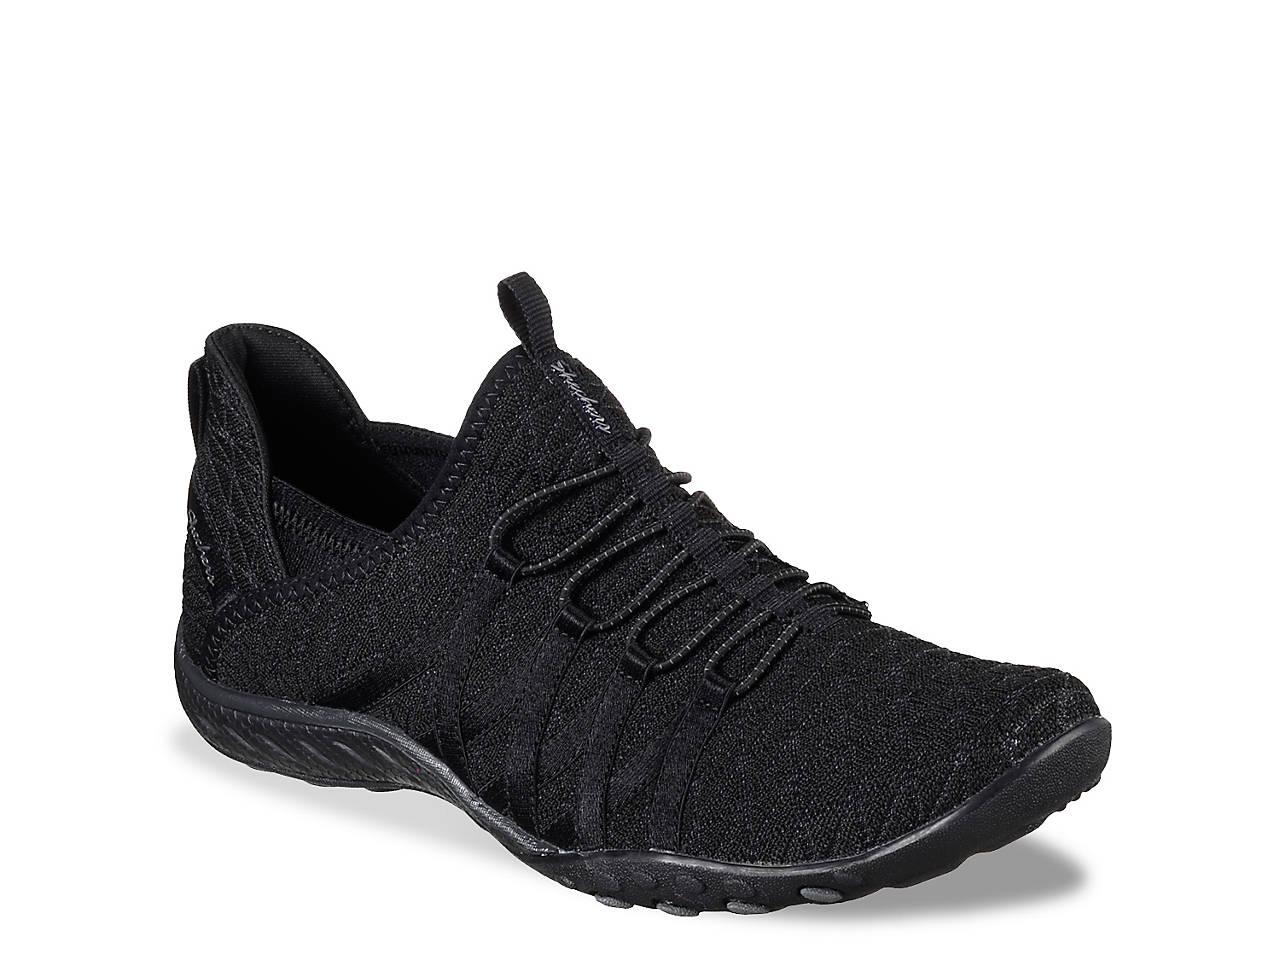 672b50a74f1c Skechers Relaxed Fit Breathe Easy Viva City Slip-On Sneaker Women s ...